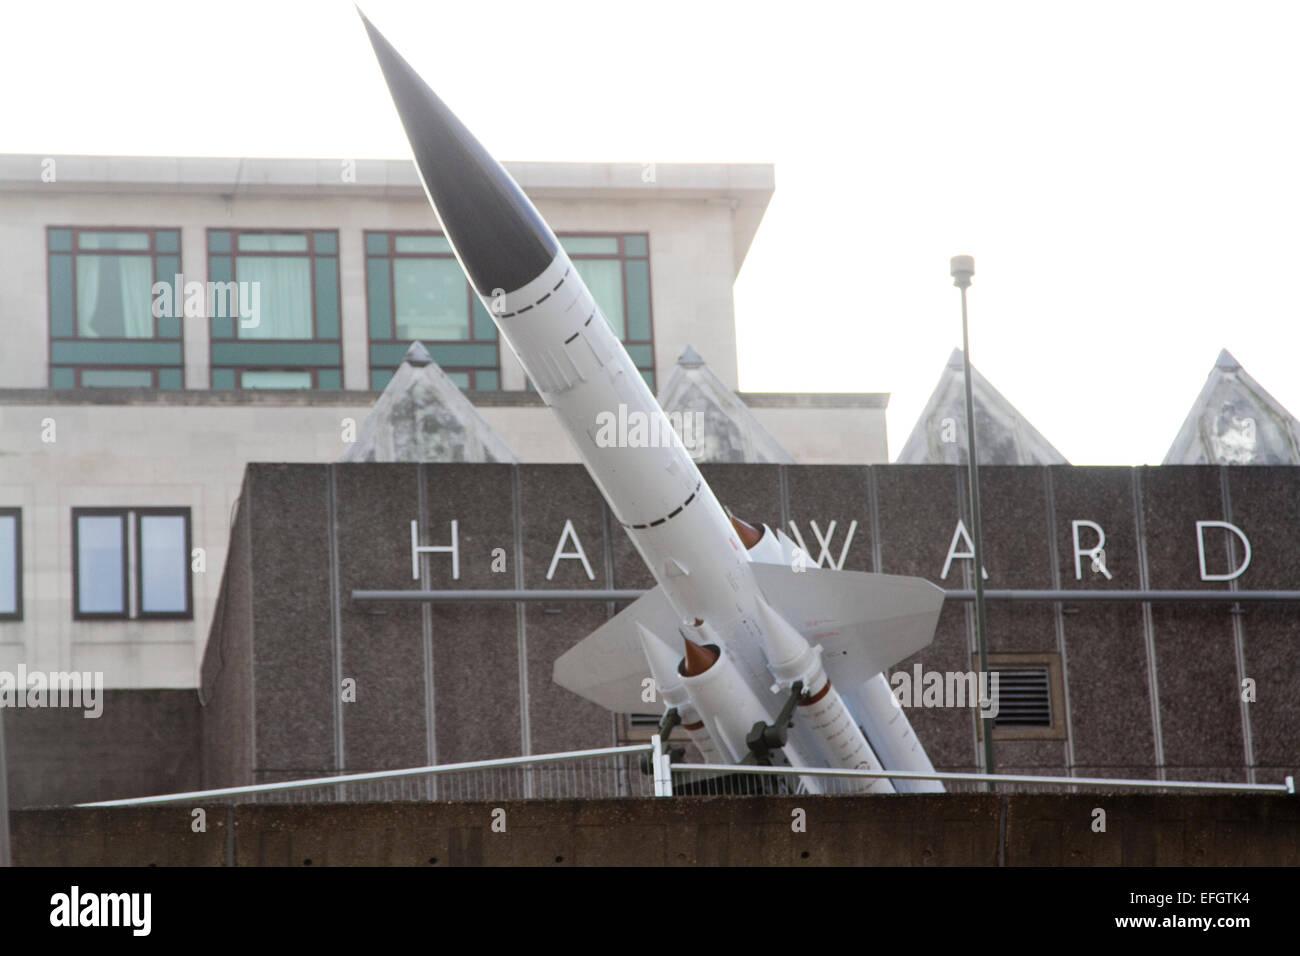 Londres, Royaume-Uni. 4 Février, 2015. Une guerre froide lanceur de missiles bloodhound créé par Photo Stock